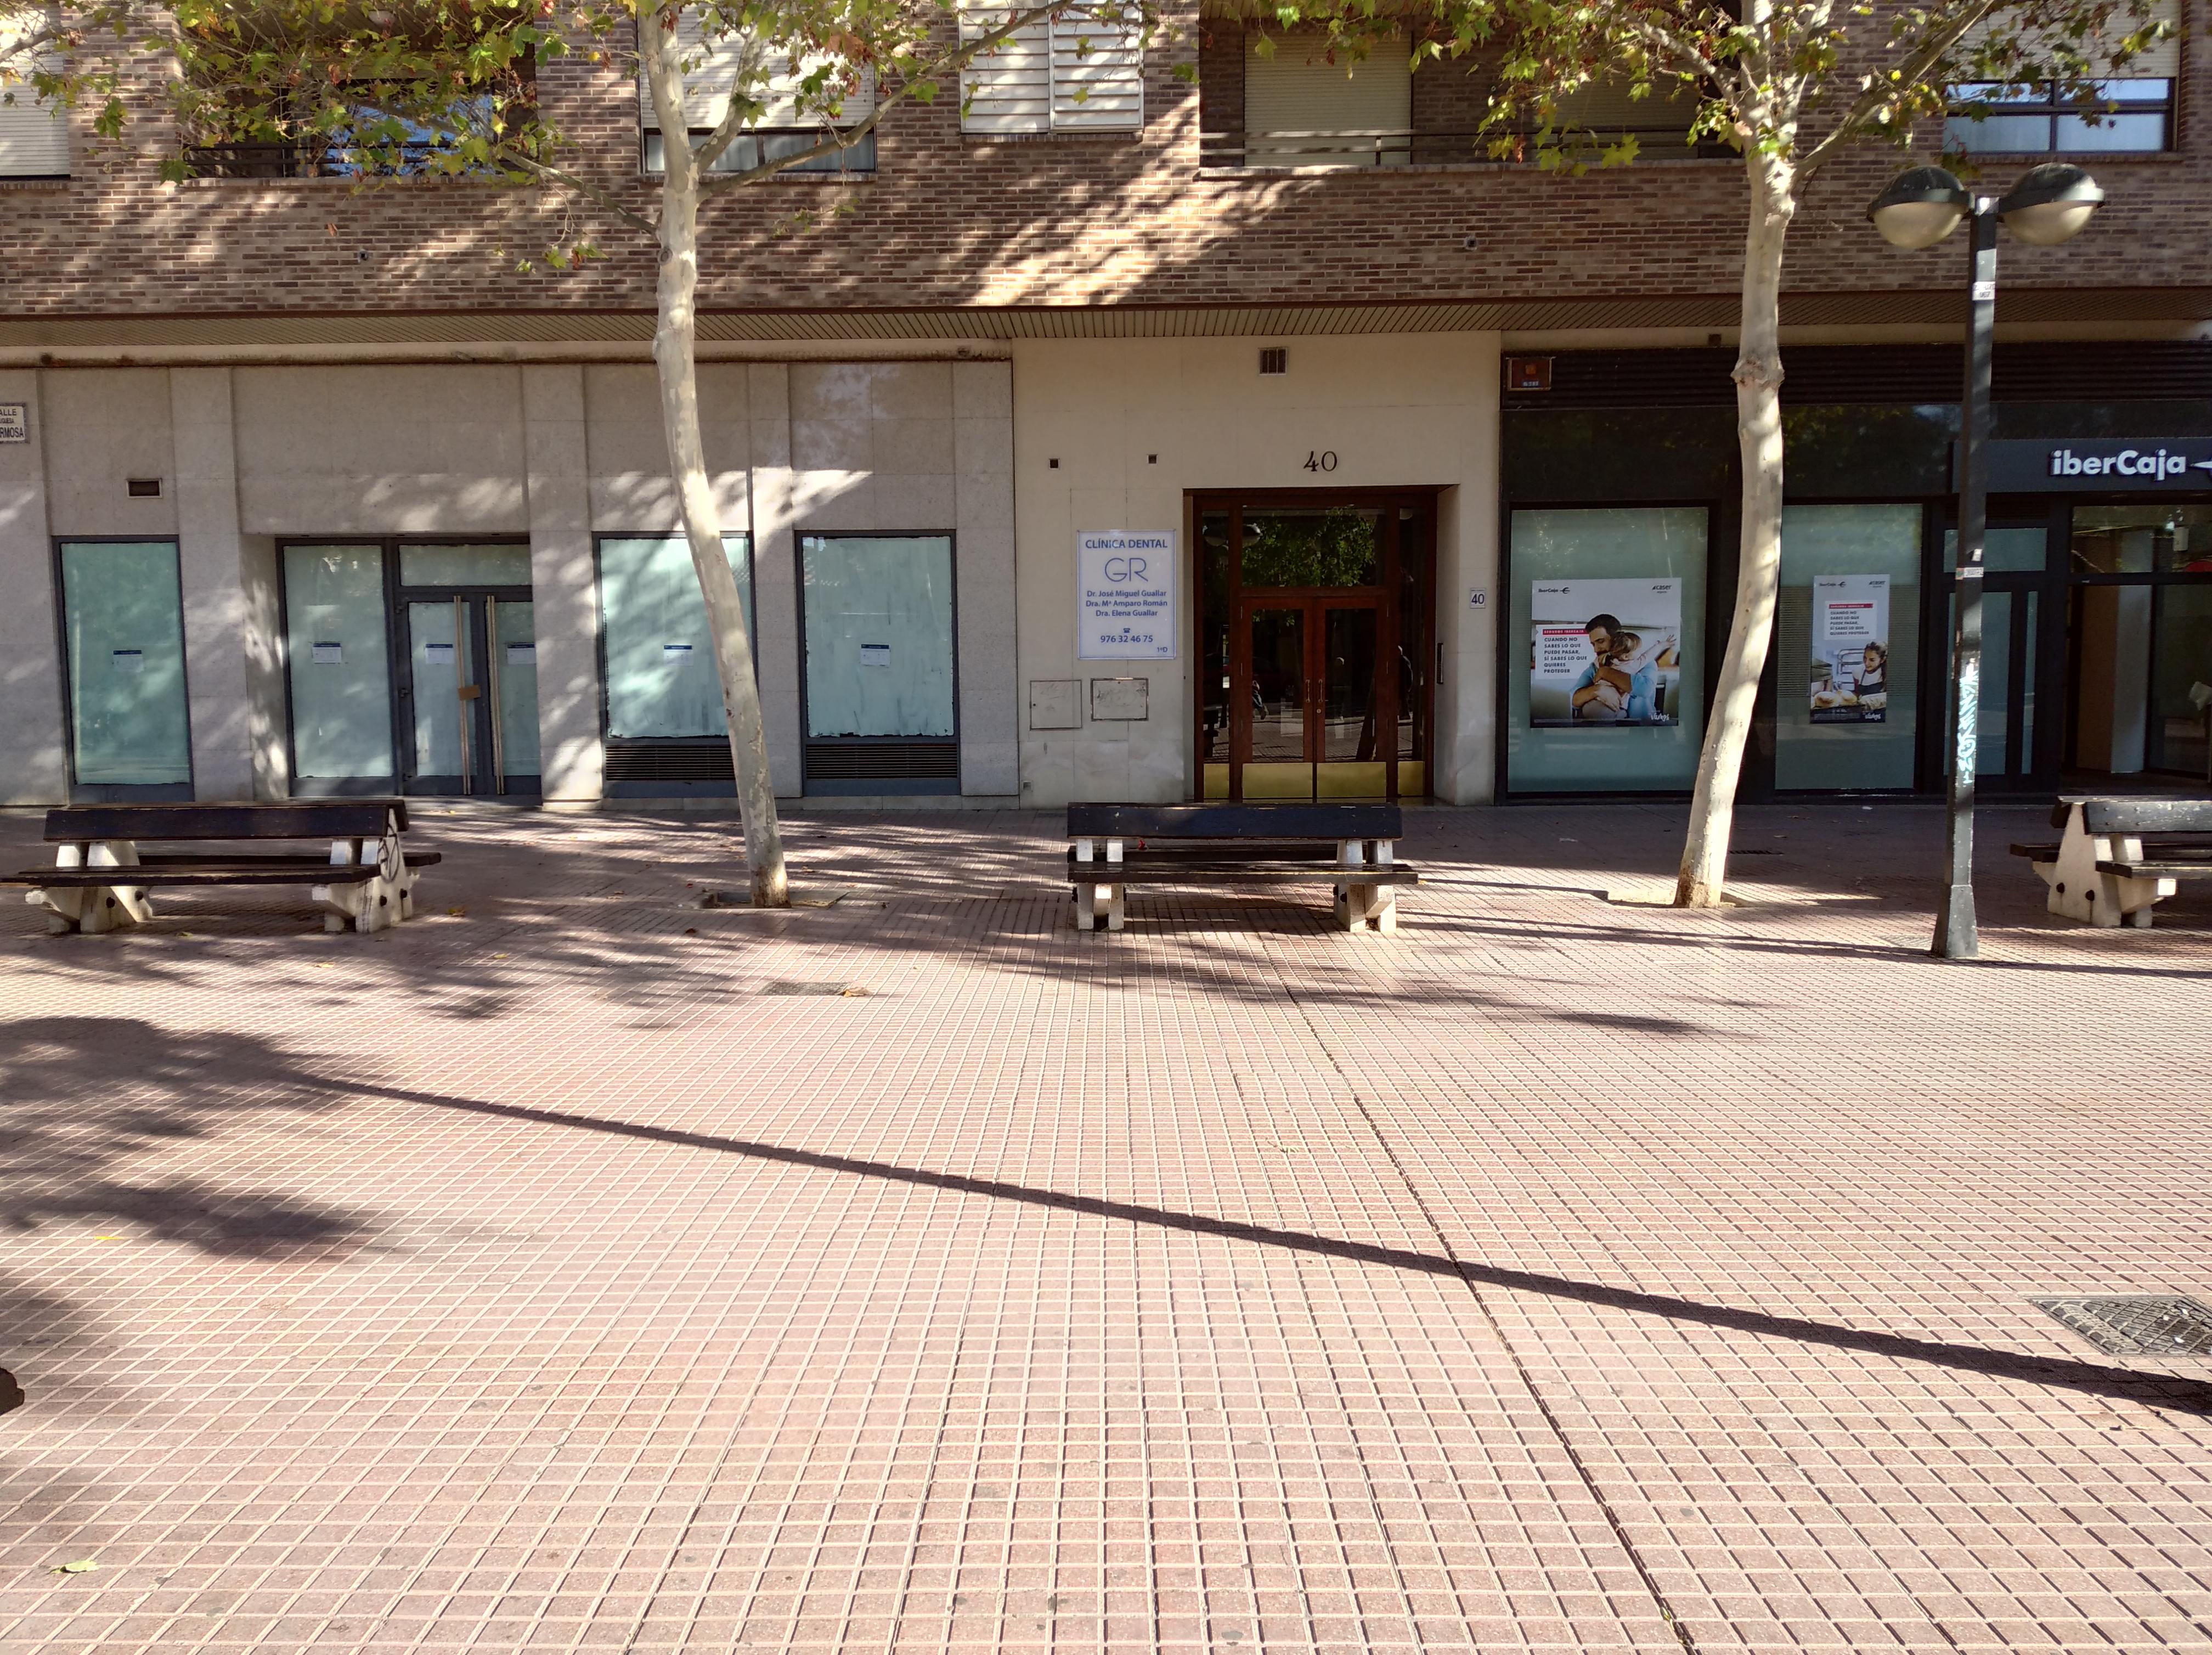 SE ALQUILA local instalado como oficina bancaria en Avenida Duq. Villahermosa con la calle Delicias